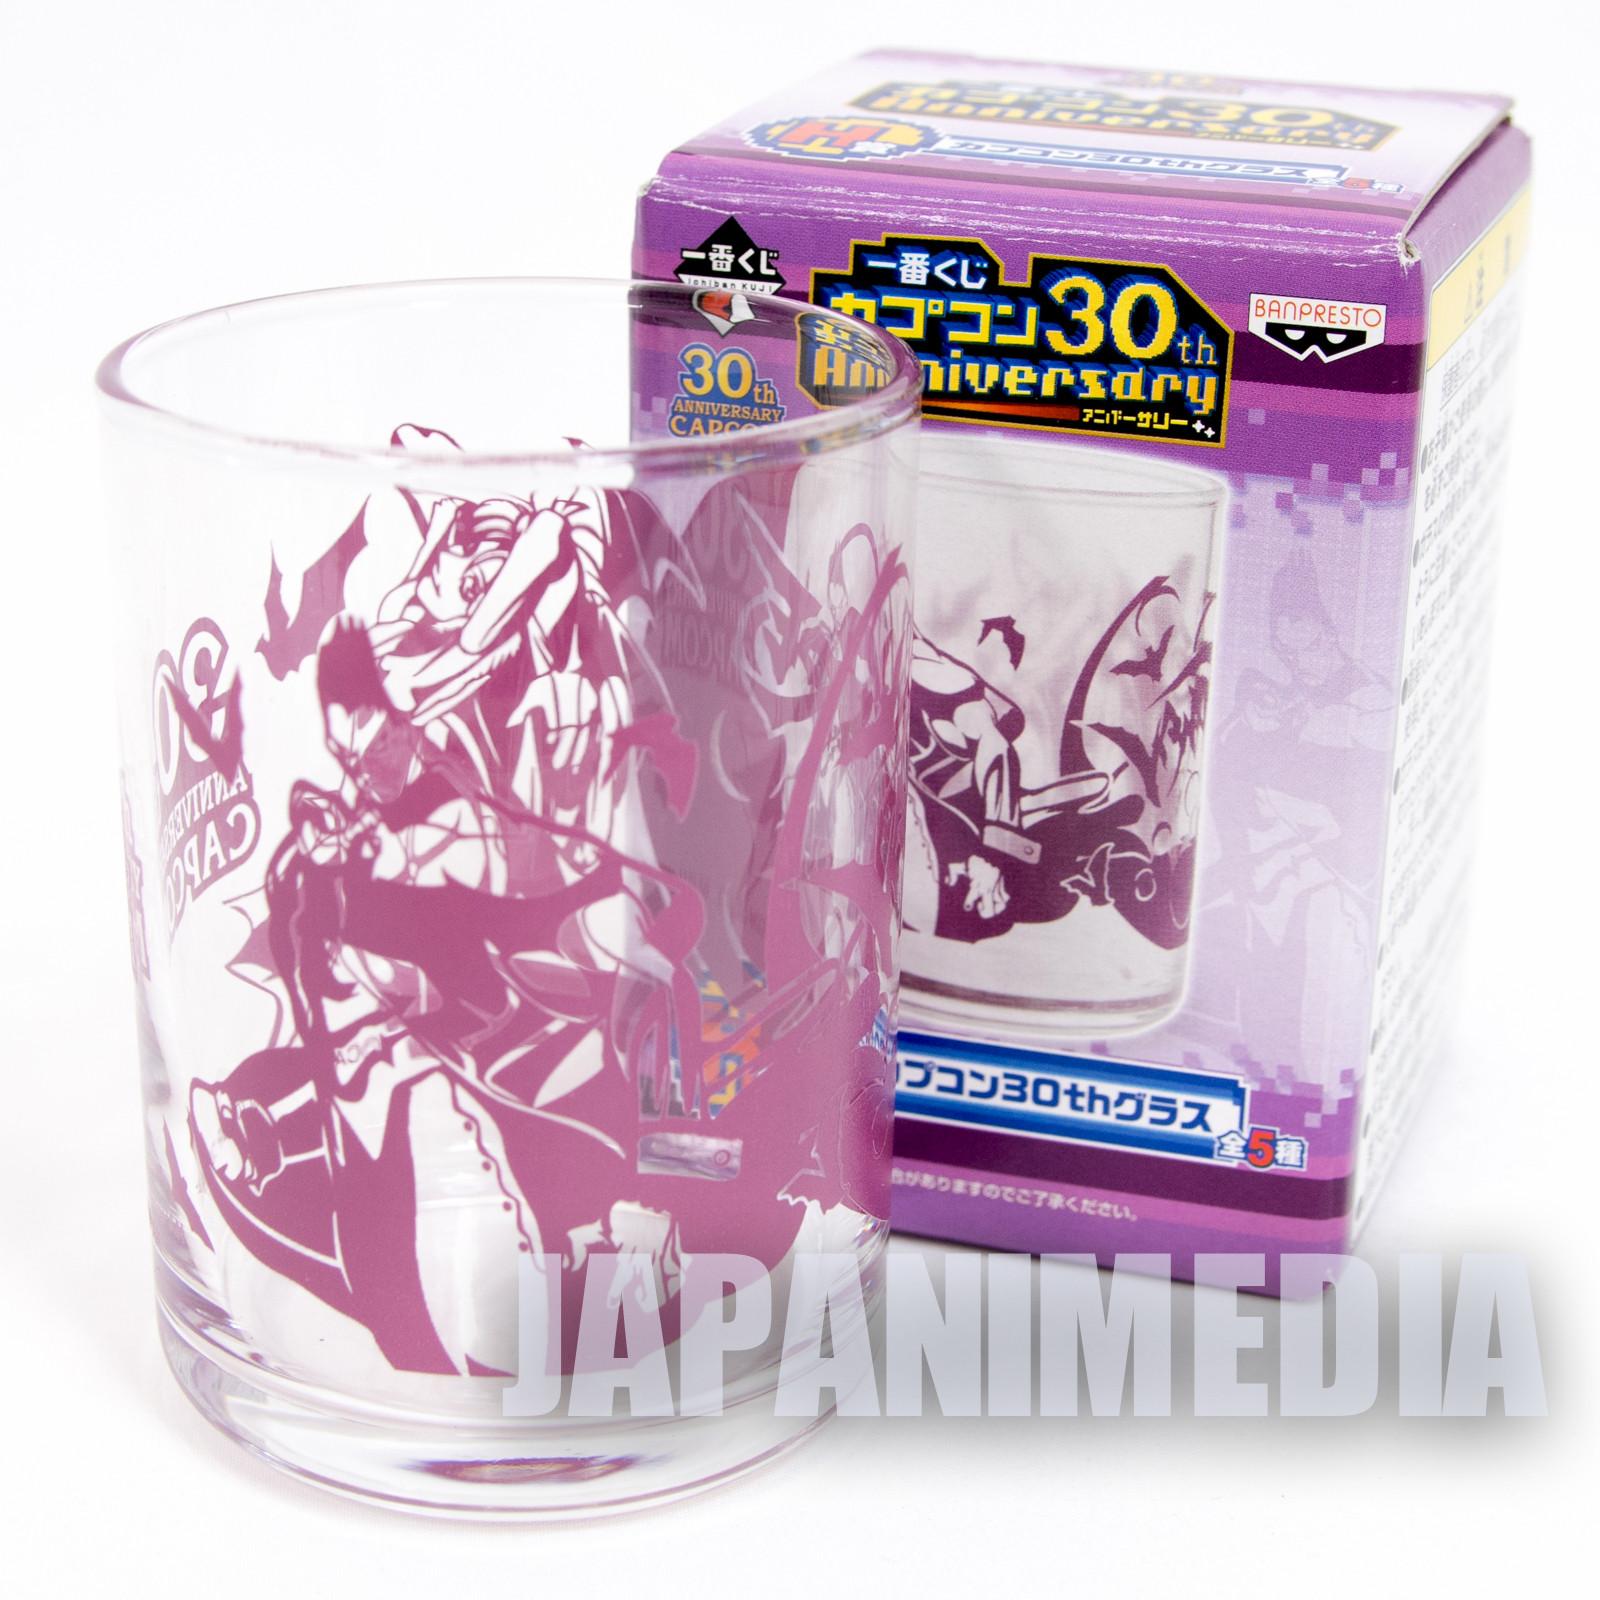 Darkstalkers (Vampire) Demitri Morrigan Ver. Capcom 30th Anniversary Glass JAPAN GAME